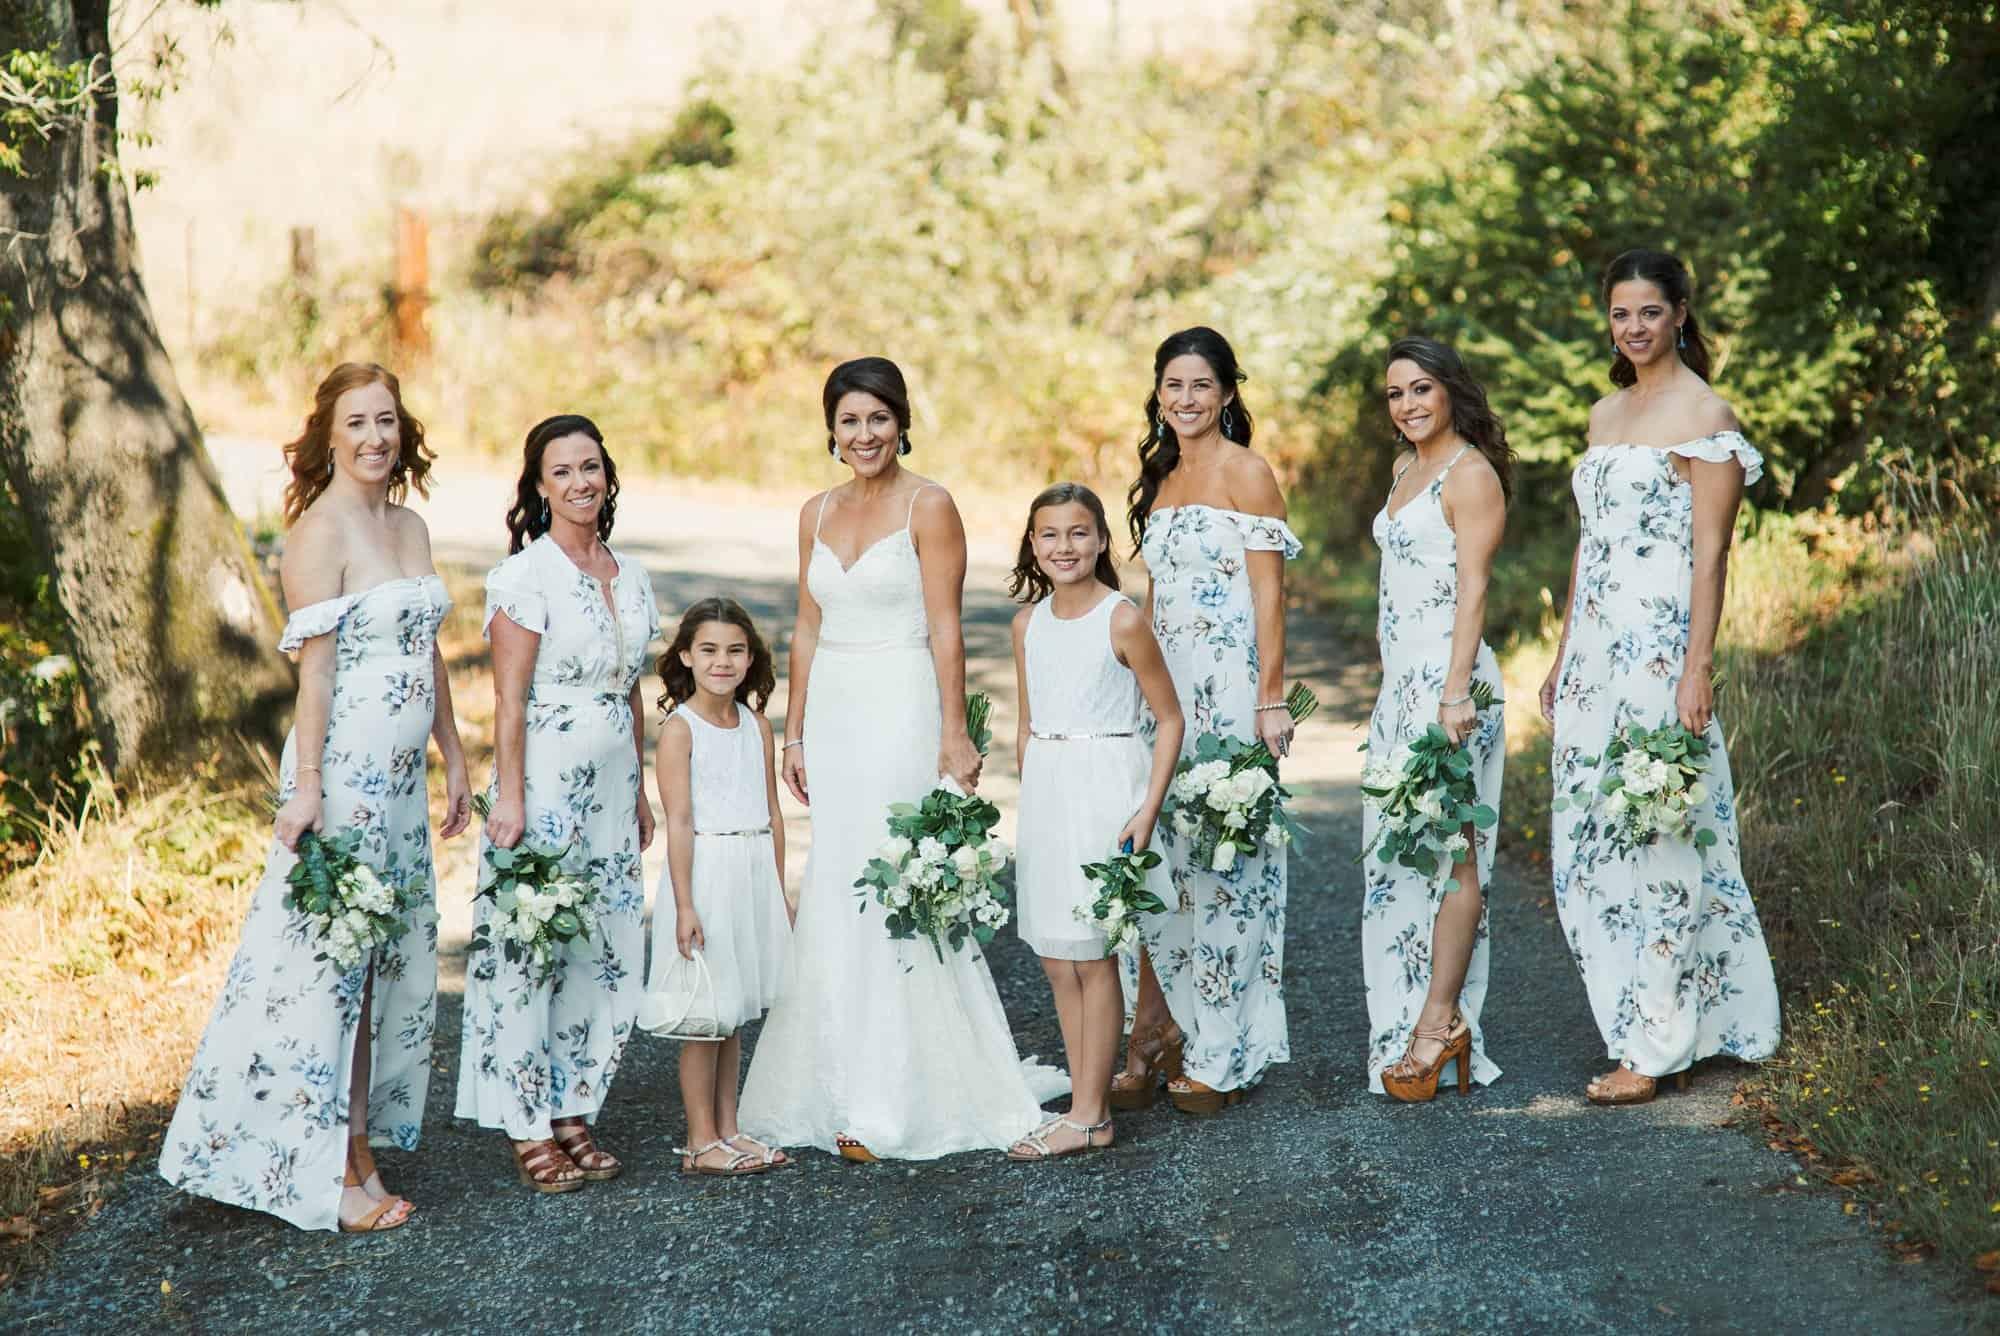 wedding bridesmaids photos